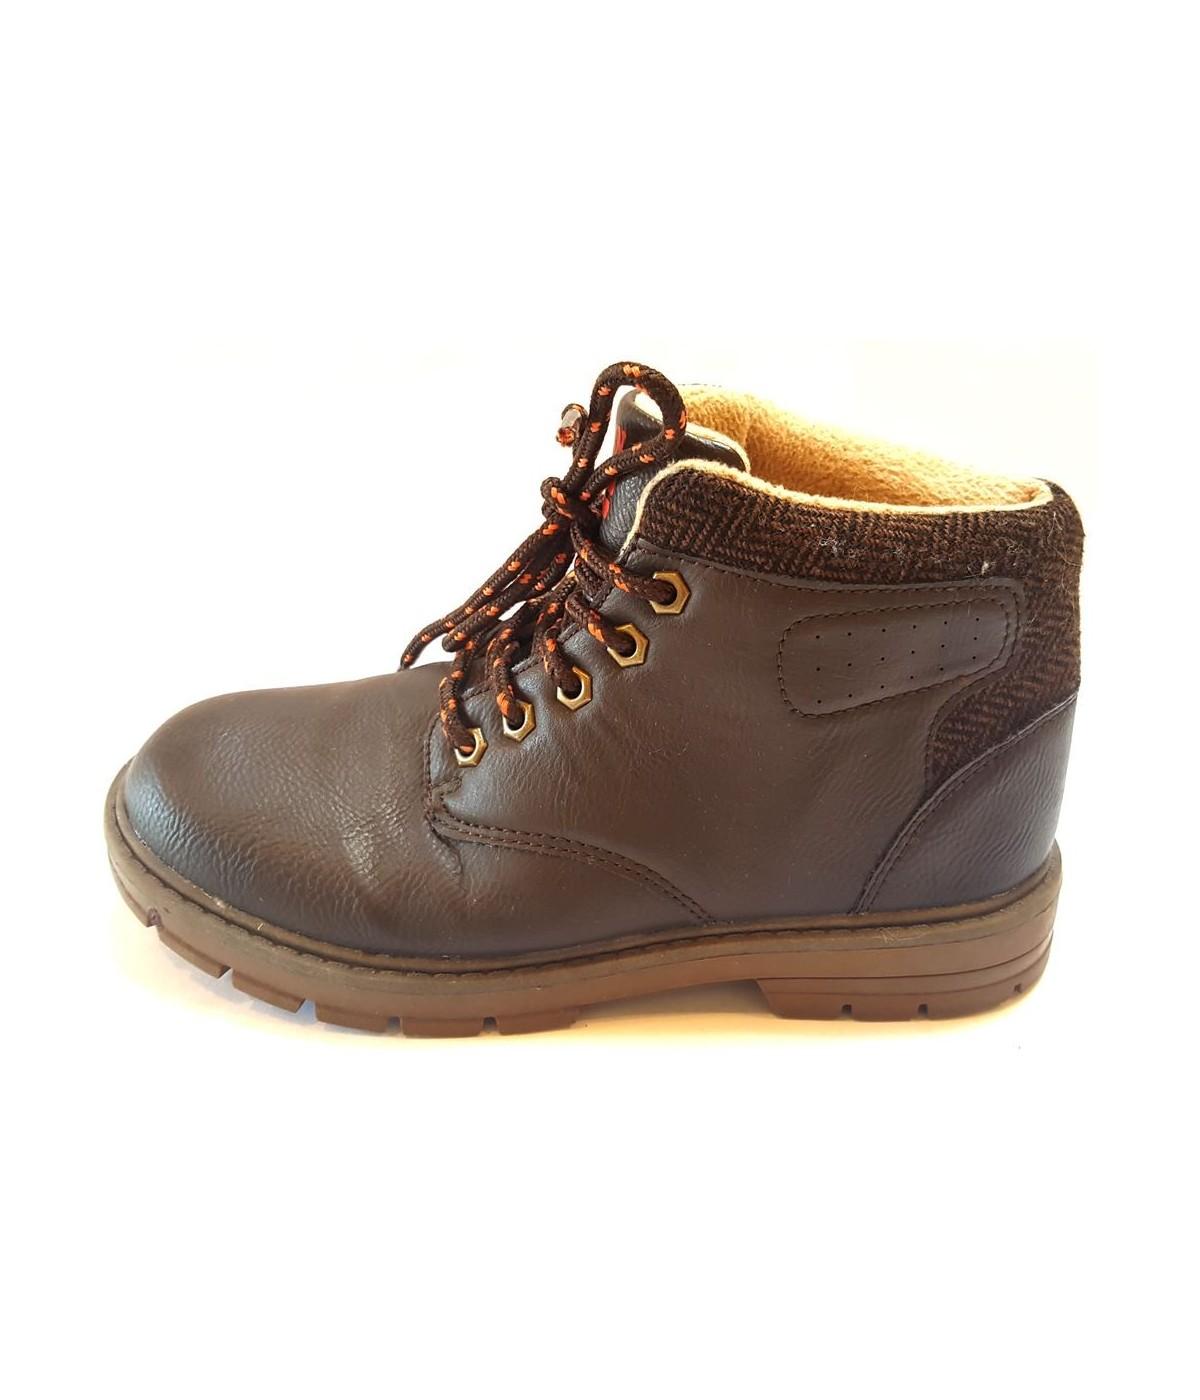 Sötétbarna őszi cipő (33). Loading zoom 2d93825153